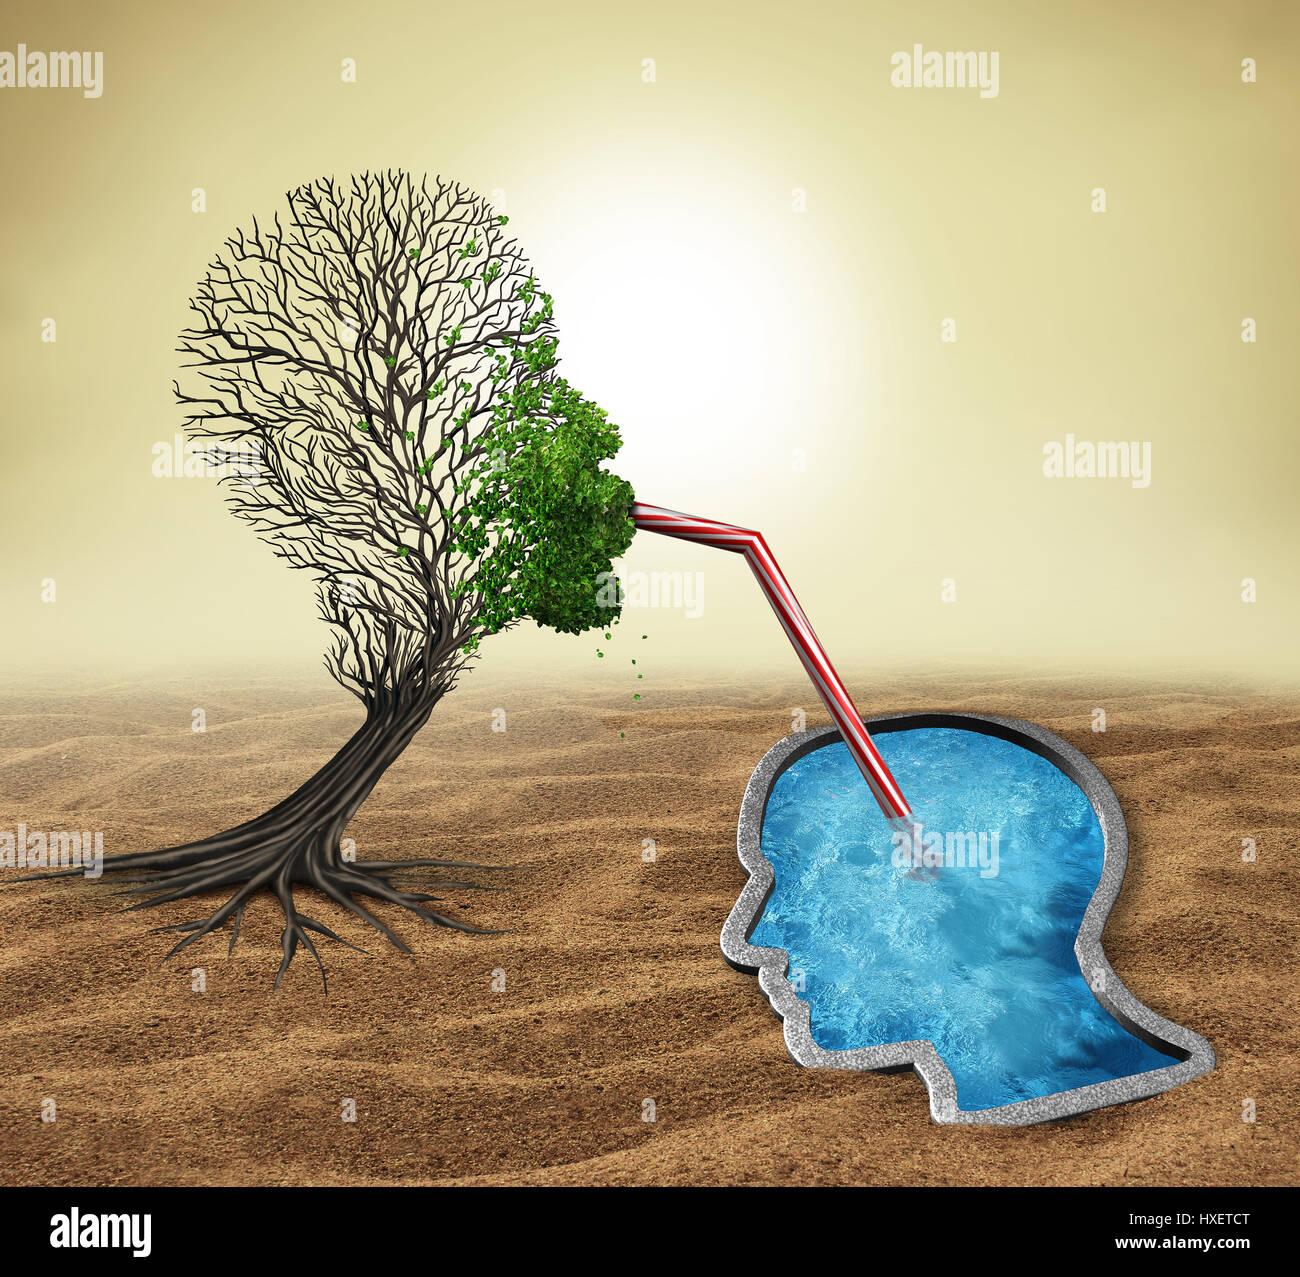 Trattamento di psicologia e salute mentale assistenza come malattia di un albero a forma di una testa umana acqua Immagini Stock